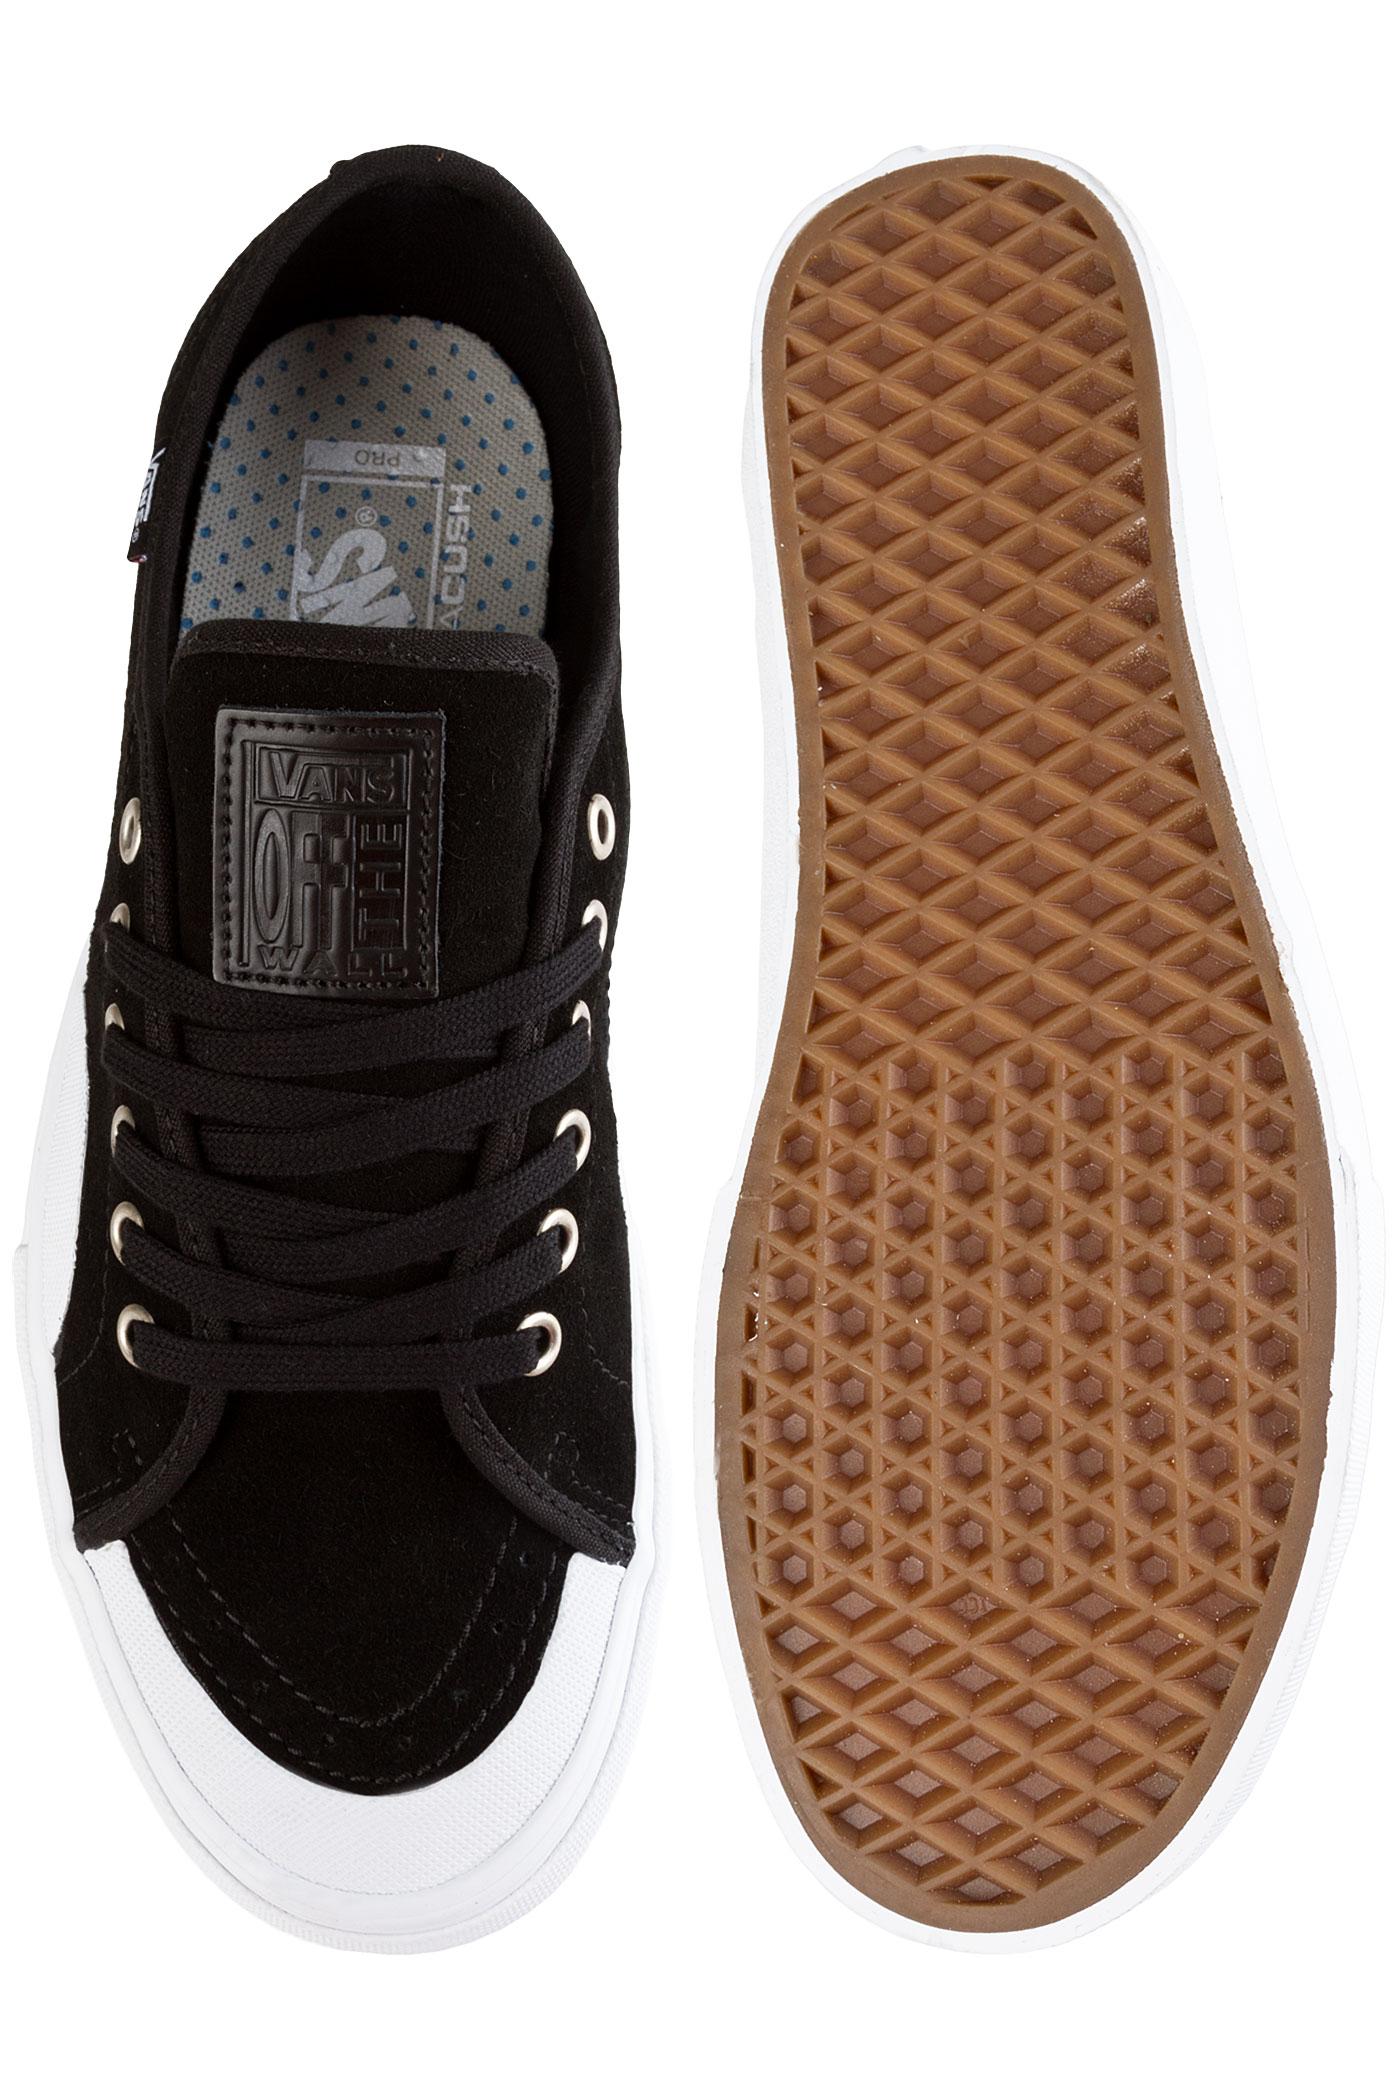 Vans At Buy rubber Classic Shoes White Av Skatedeluxe Black PSwq1PxRrn